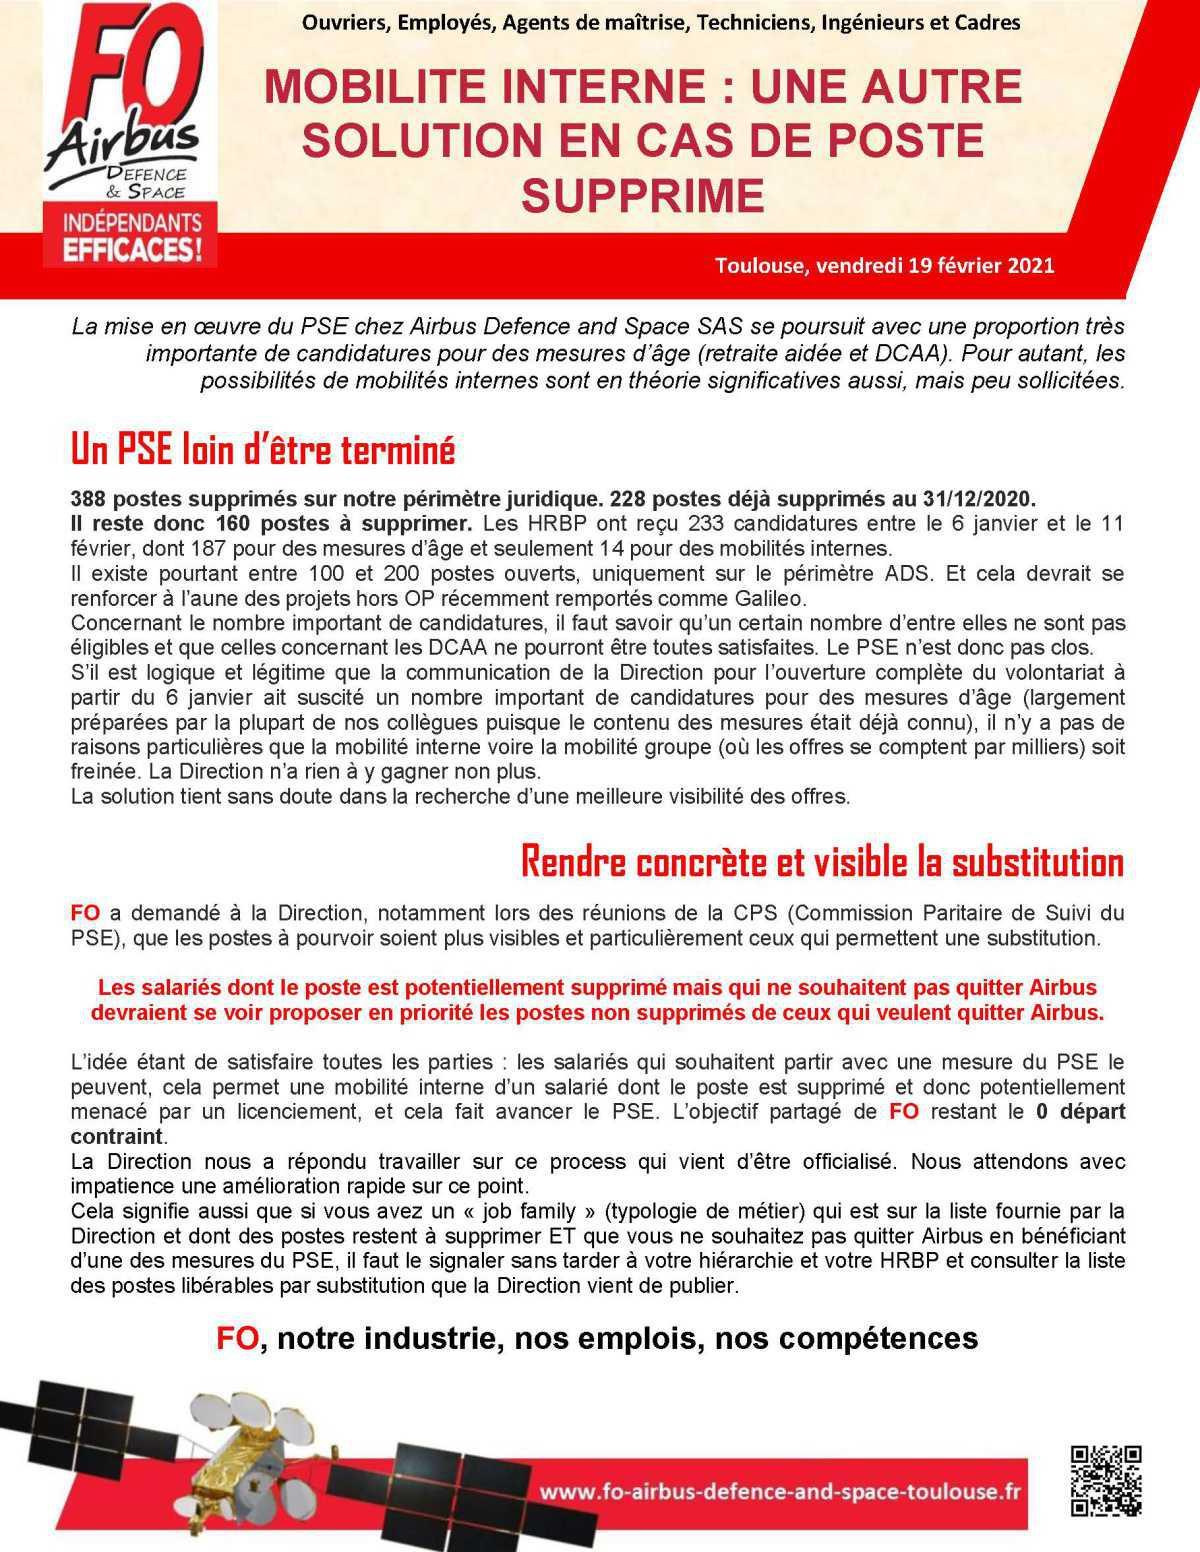 MOBILITE INTERNE : UNE AUTRE SOLUTION EN CAS DE POSTE SUPPRIME